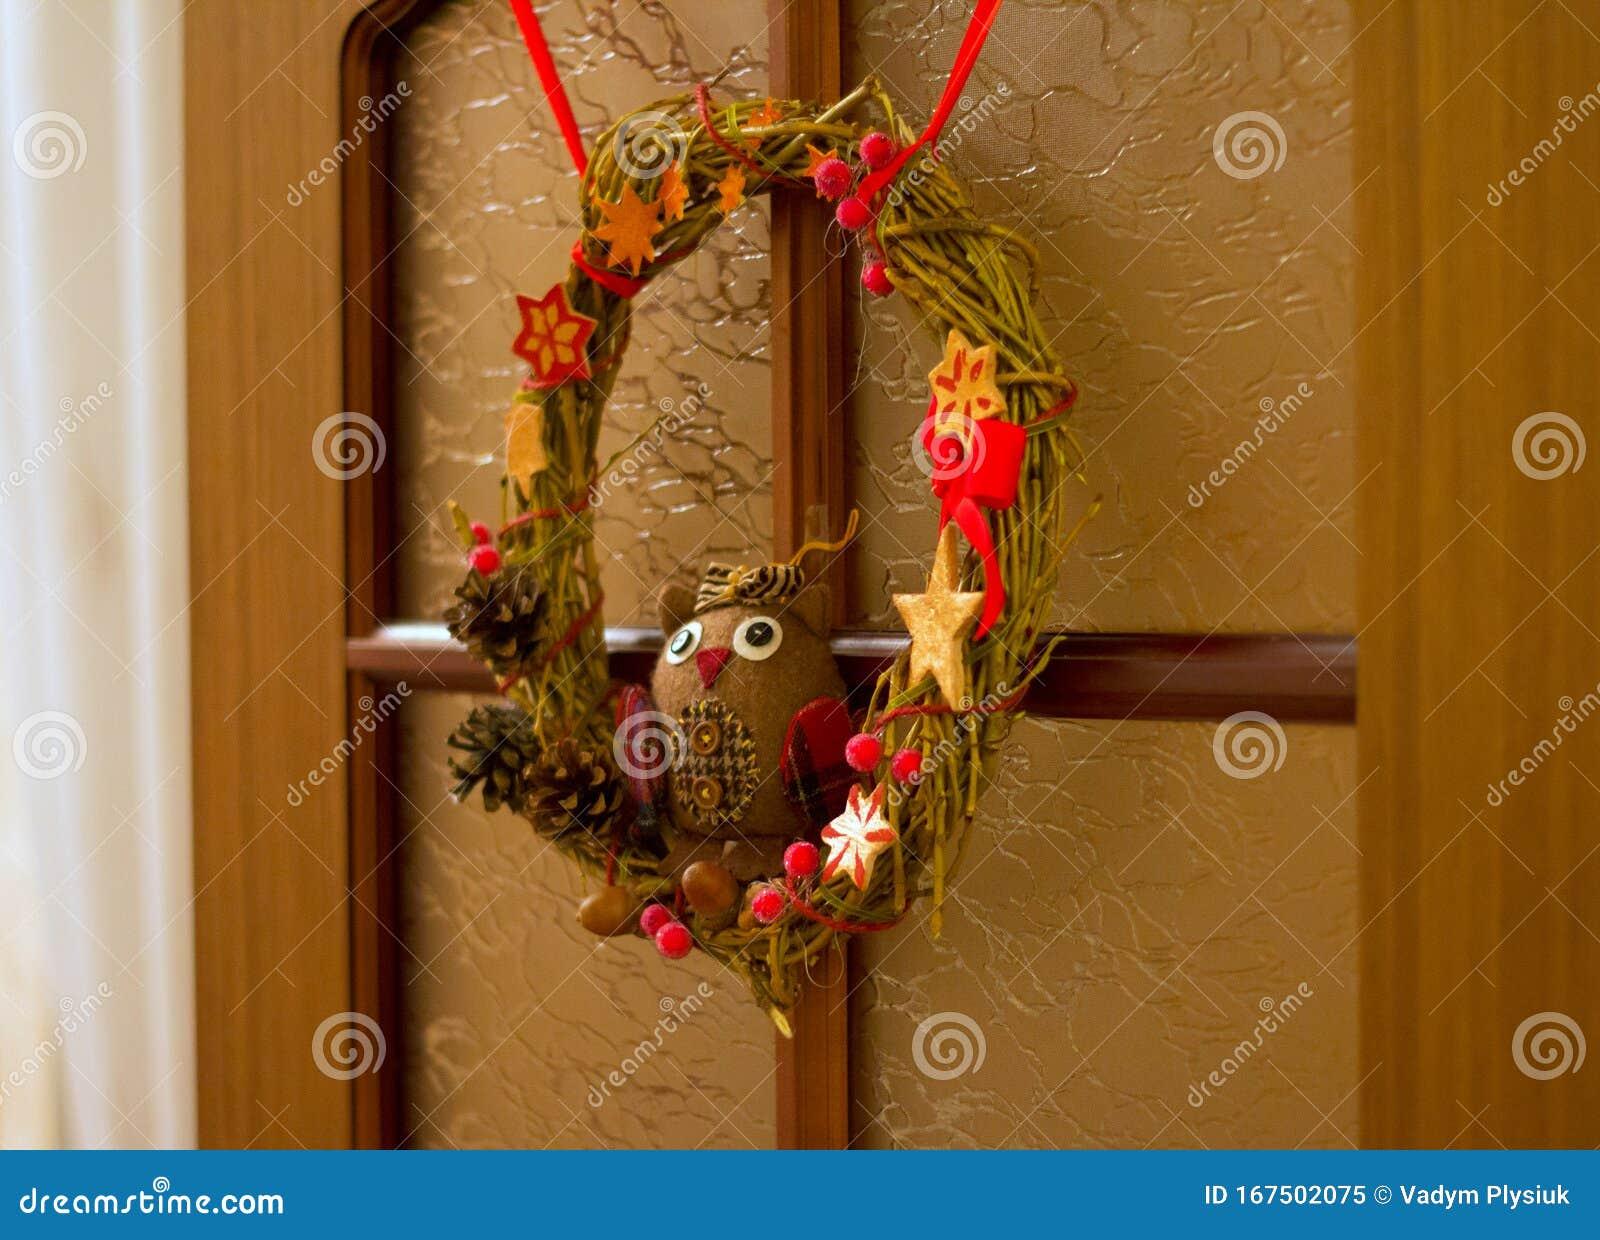 La Corona De Navidad Hecha A Mano Está Colgada En La Puerta De Madera Decoración Con Un Búho Rústico De Juguete Conos De árbol E Imagen De Archivo Imagen De Madera Decoración 167502075